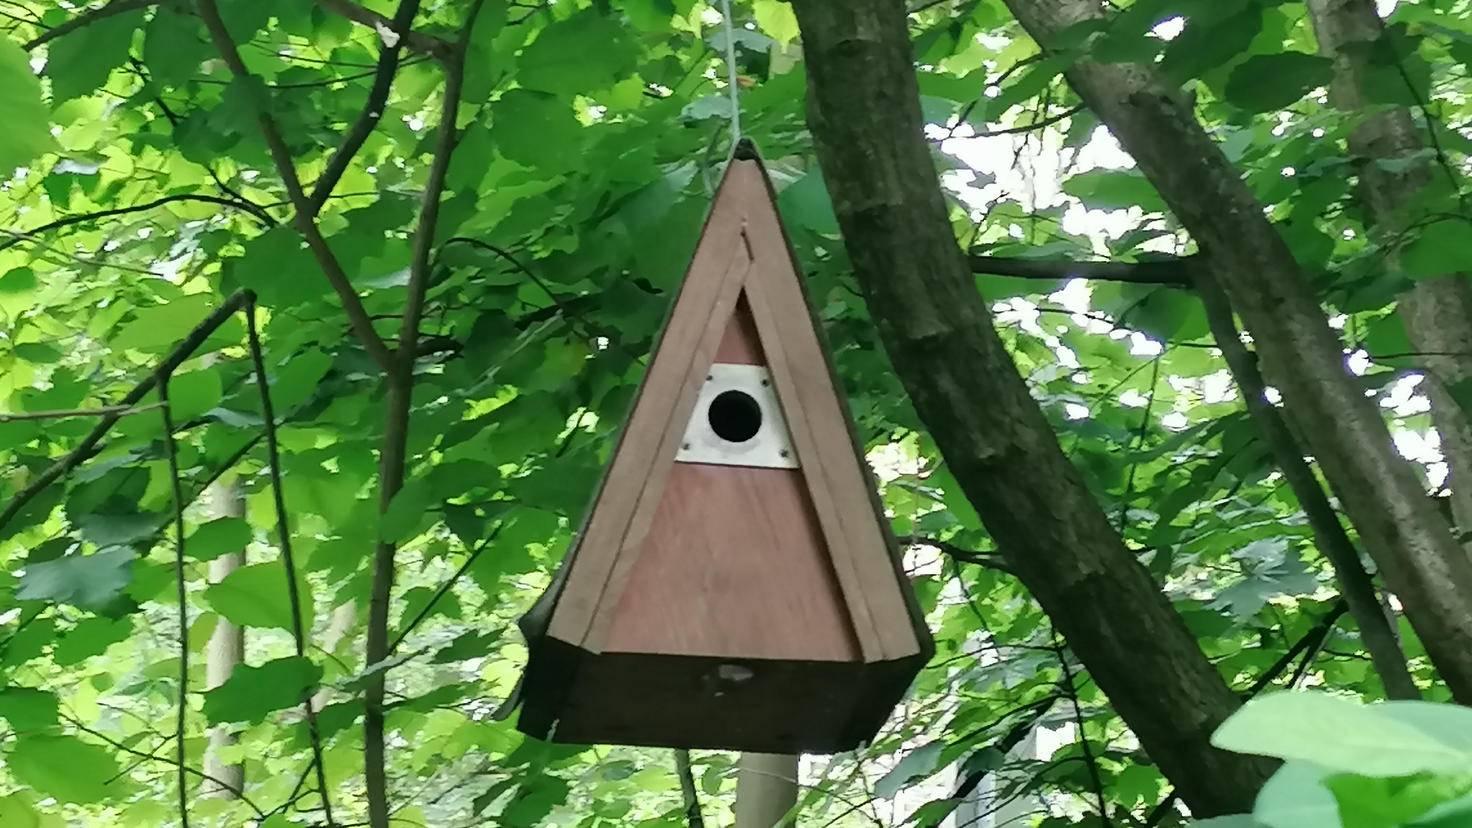 Und hier das gleiche Vogelhäuschen mit zweifachem digitalen Zoom. Vor allem die Kanten wirken besonders unsauber.